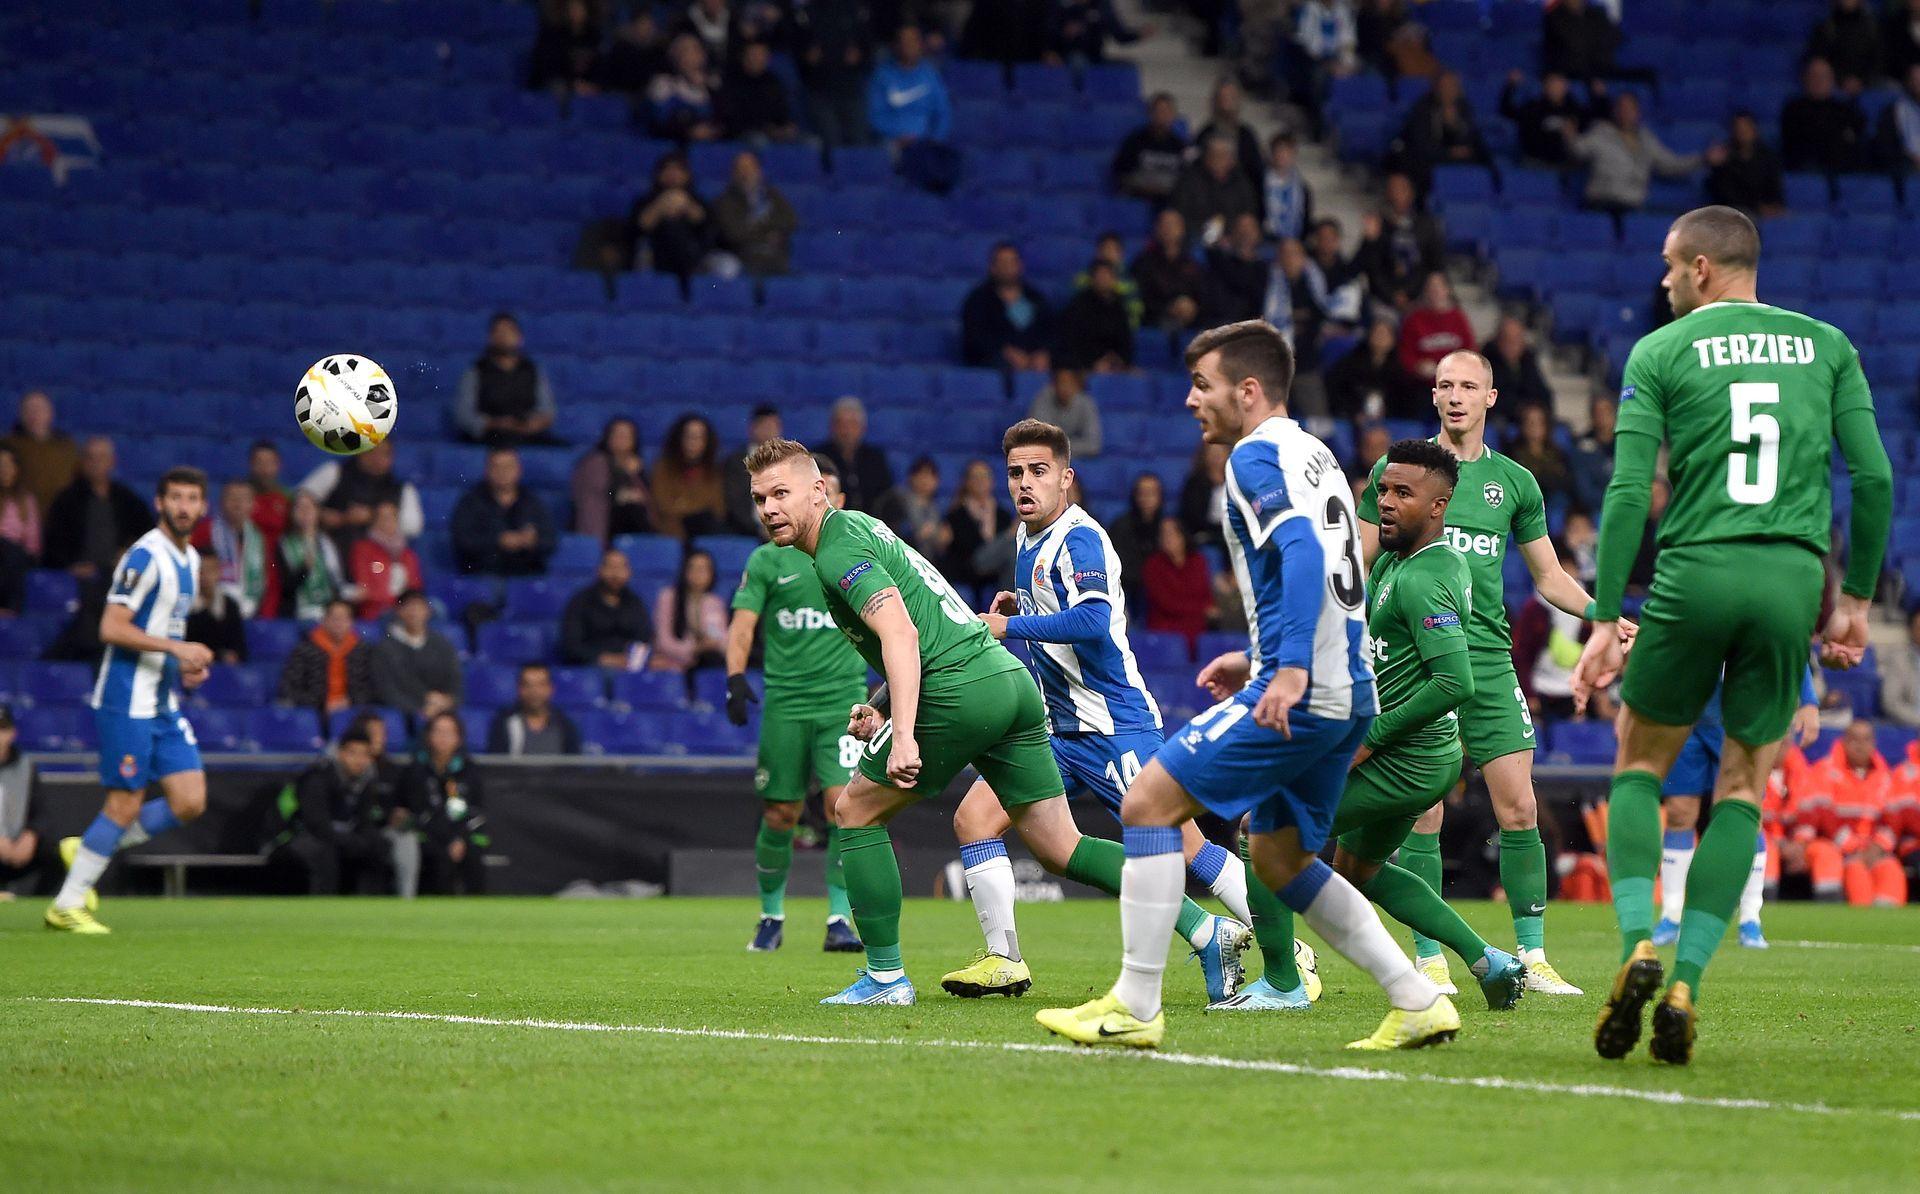 4-та минута, 1:0 с гол на Мелендо